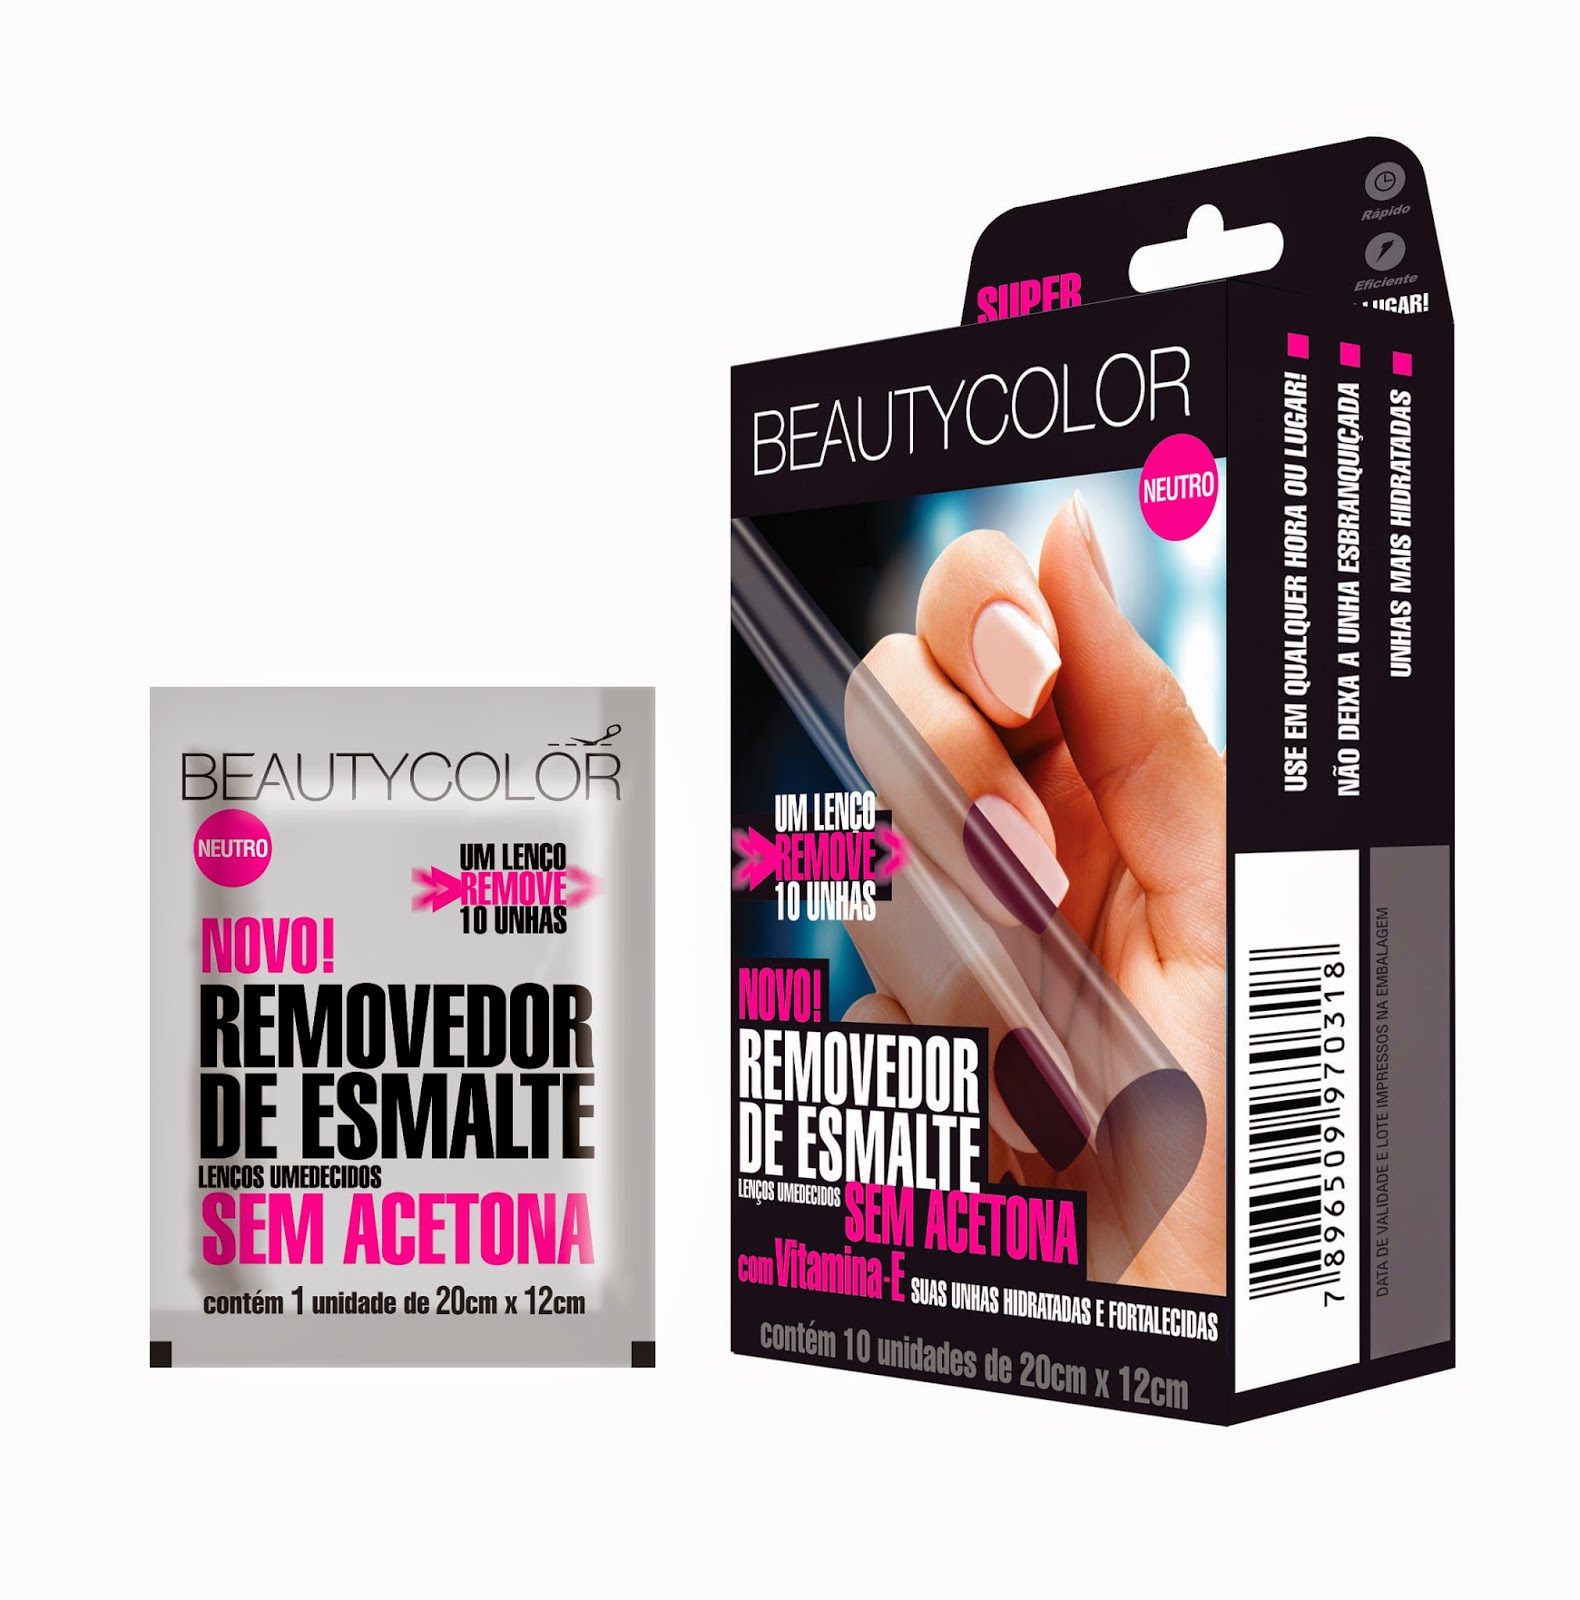 Beautycolor lança lenços hipoalergênicos removedores de esmaltes